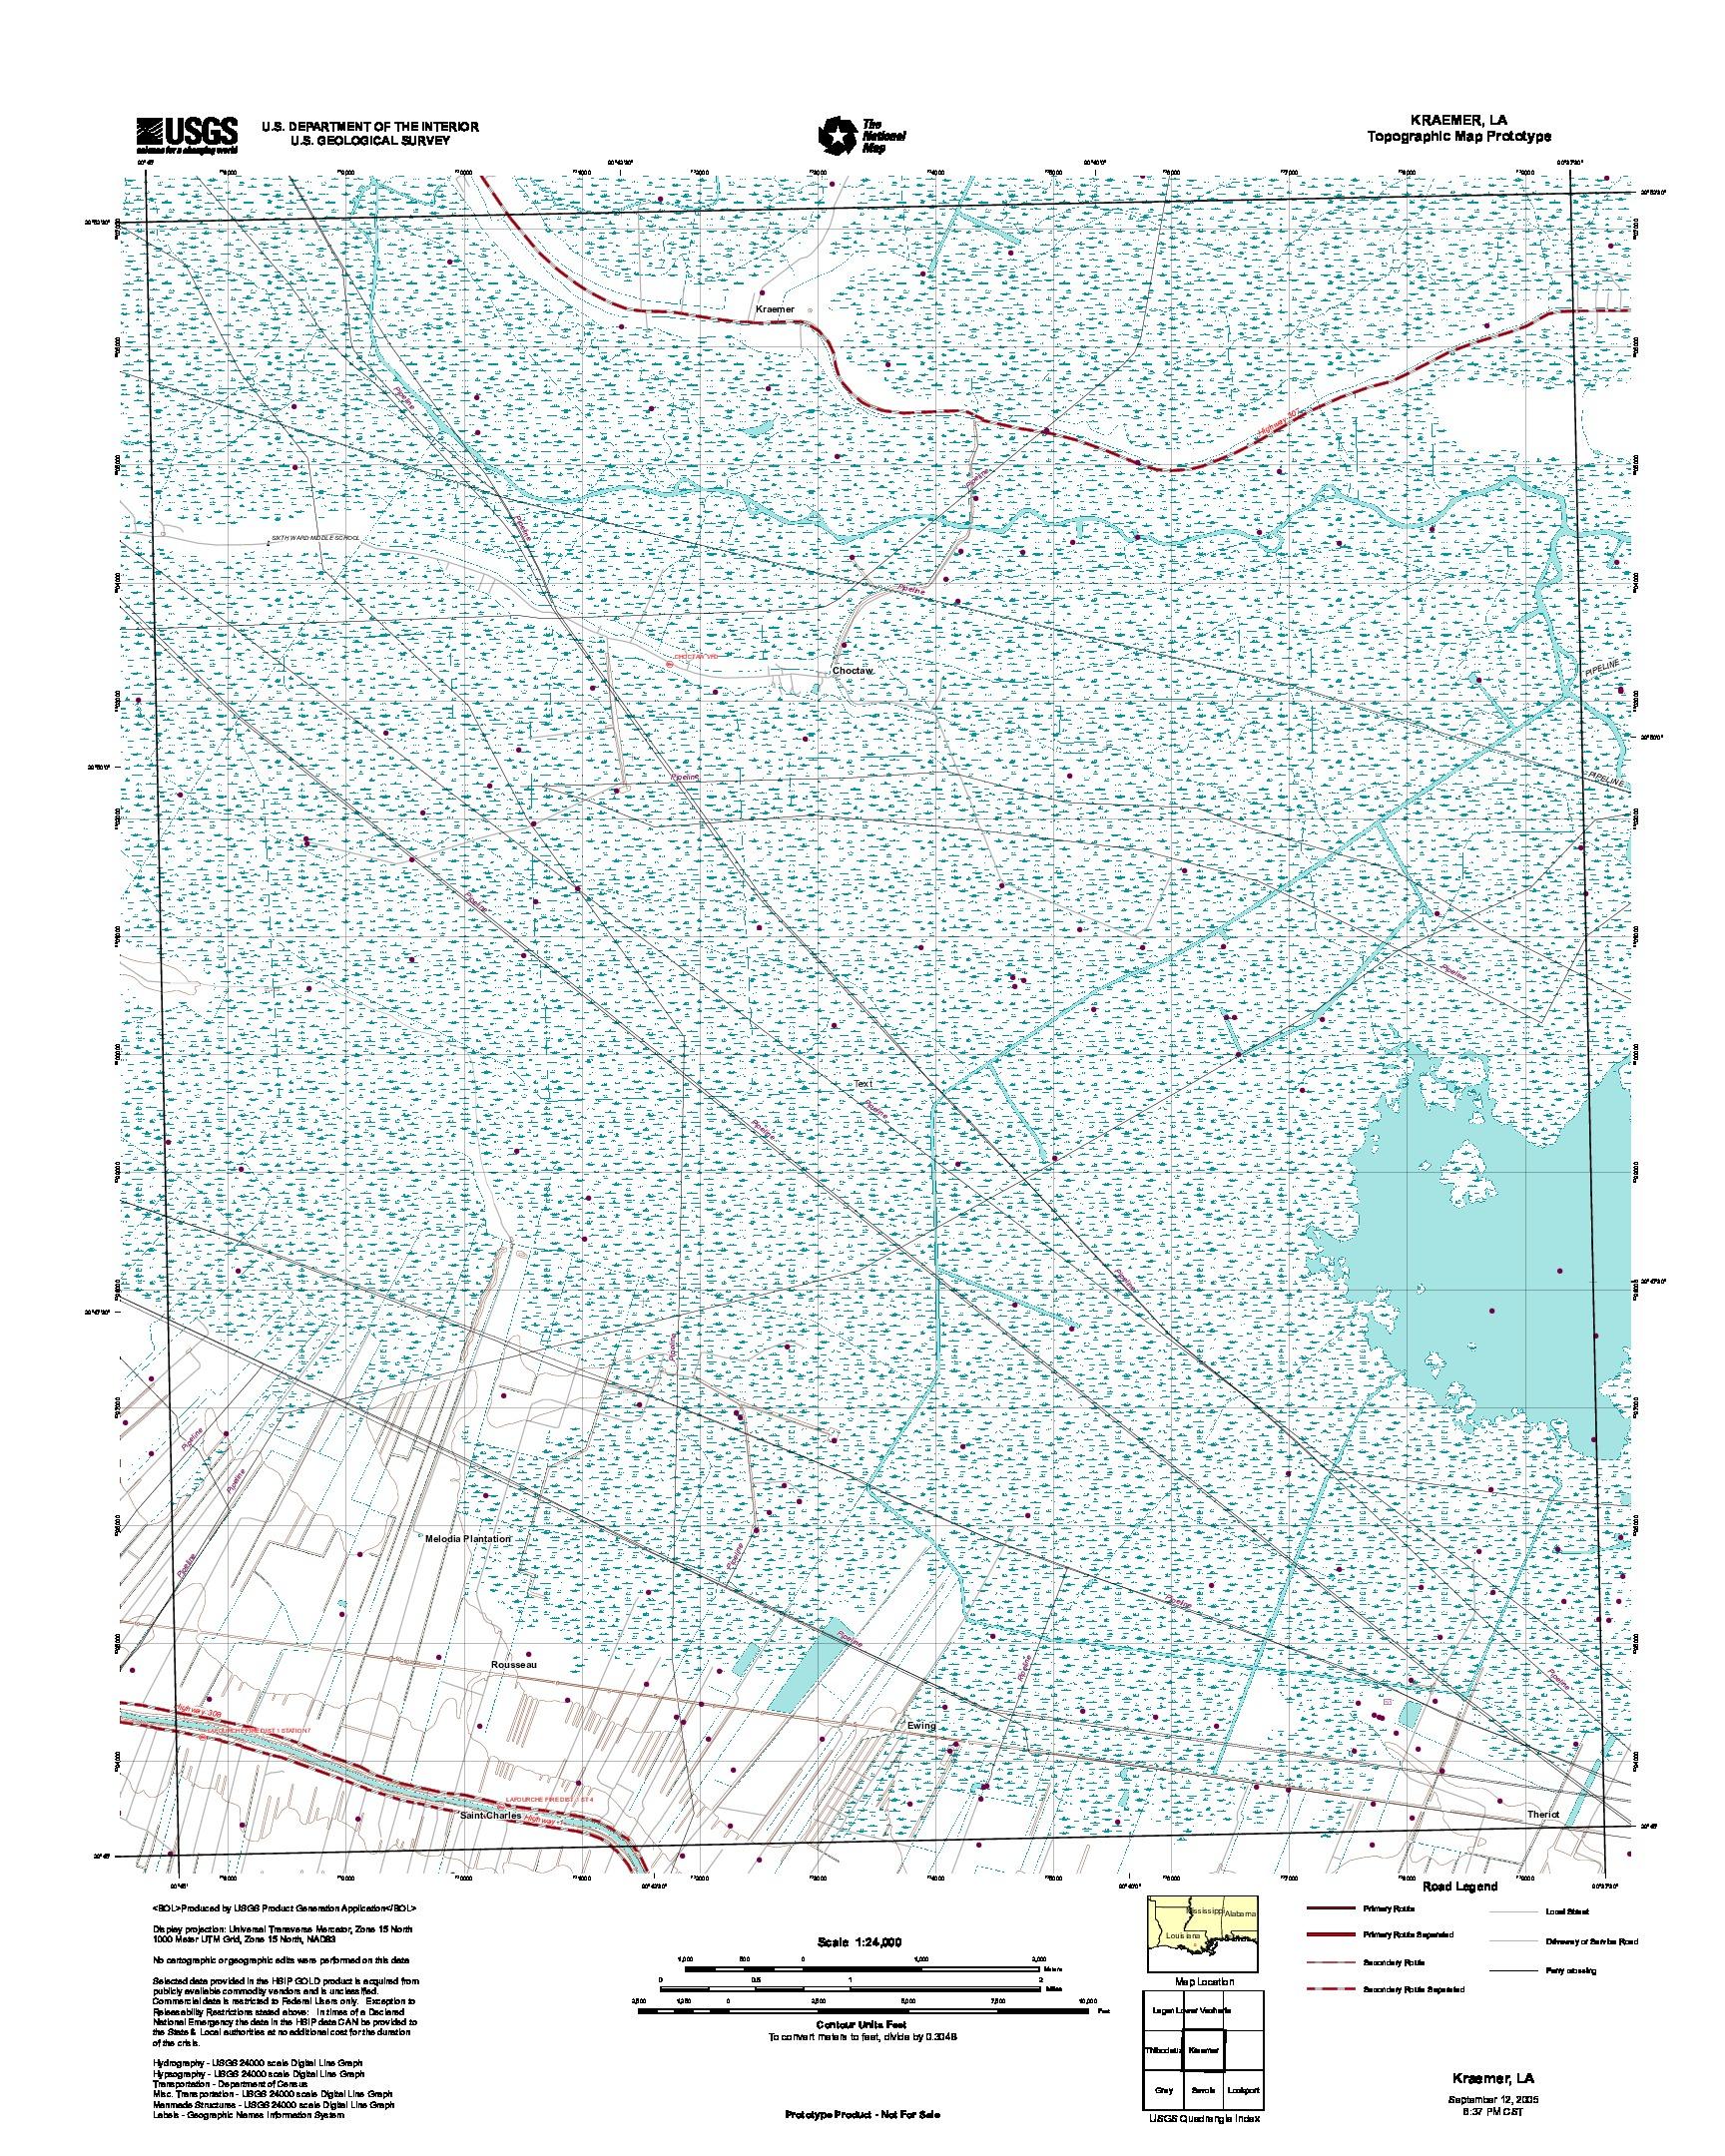 Prototipo de Mapa Topográfico de Kraemer, Luisiana, Estados Unidos, Septiembre 12, 2005